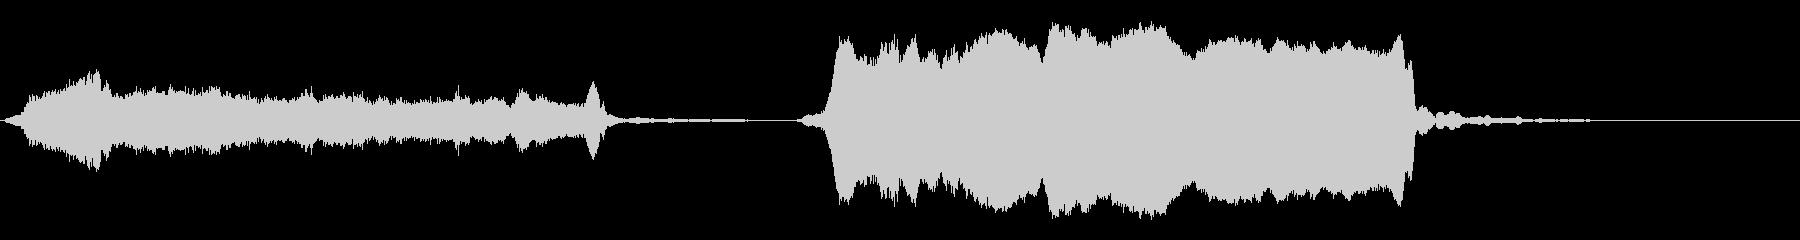 生演奏龍笛 ジングルの未再生の波形